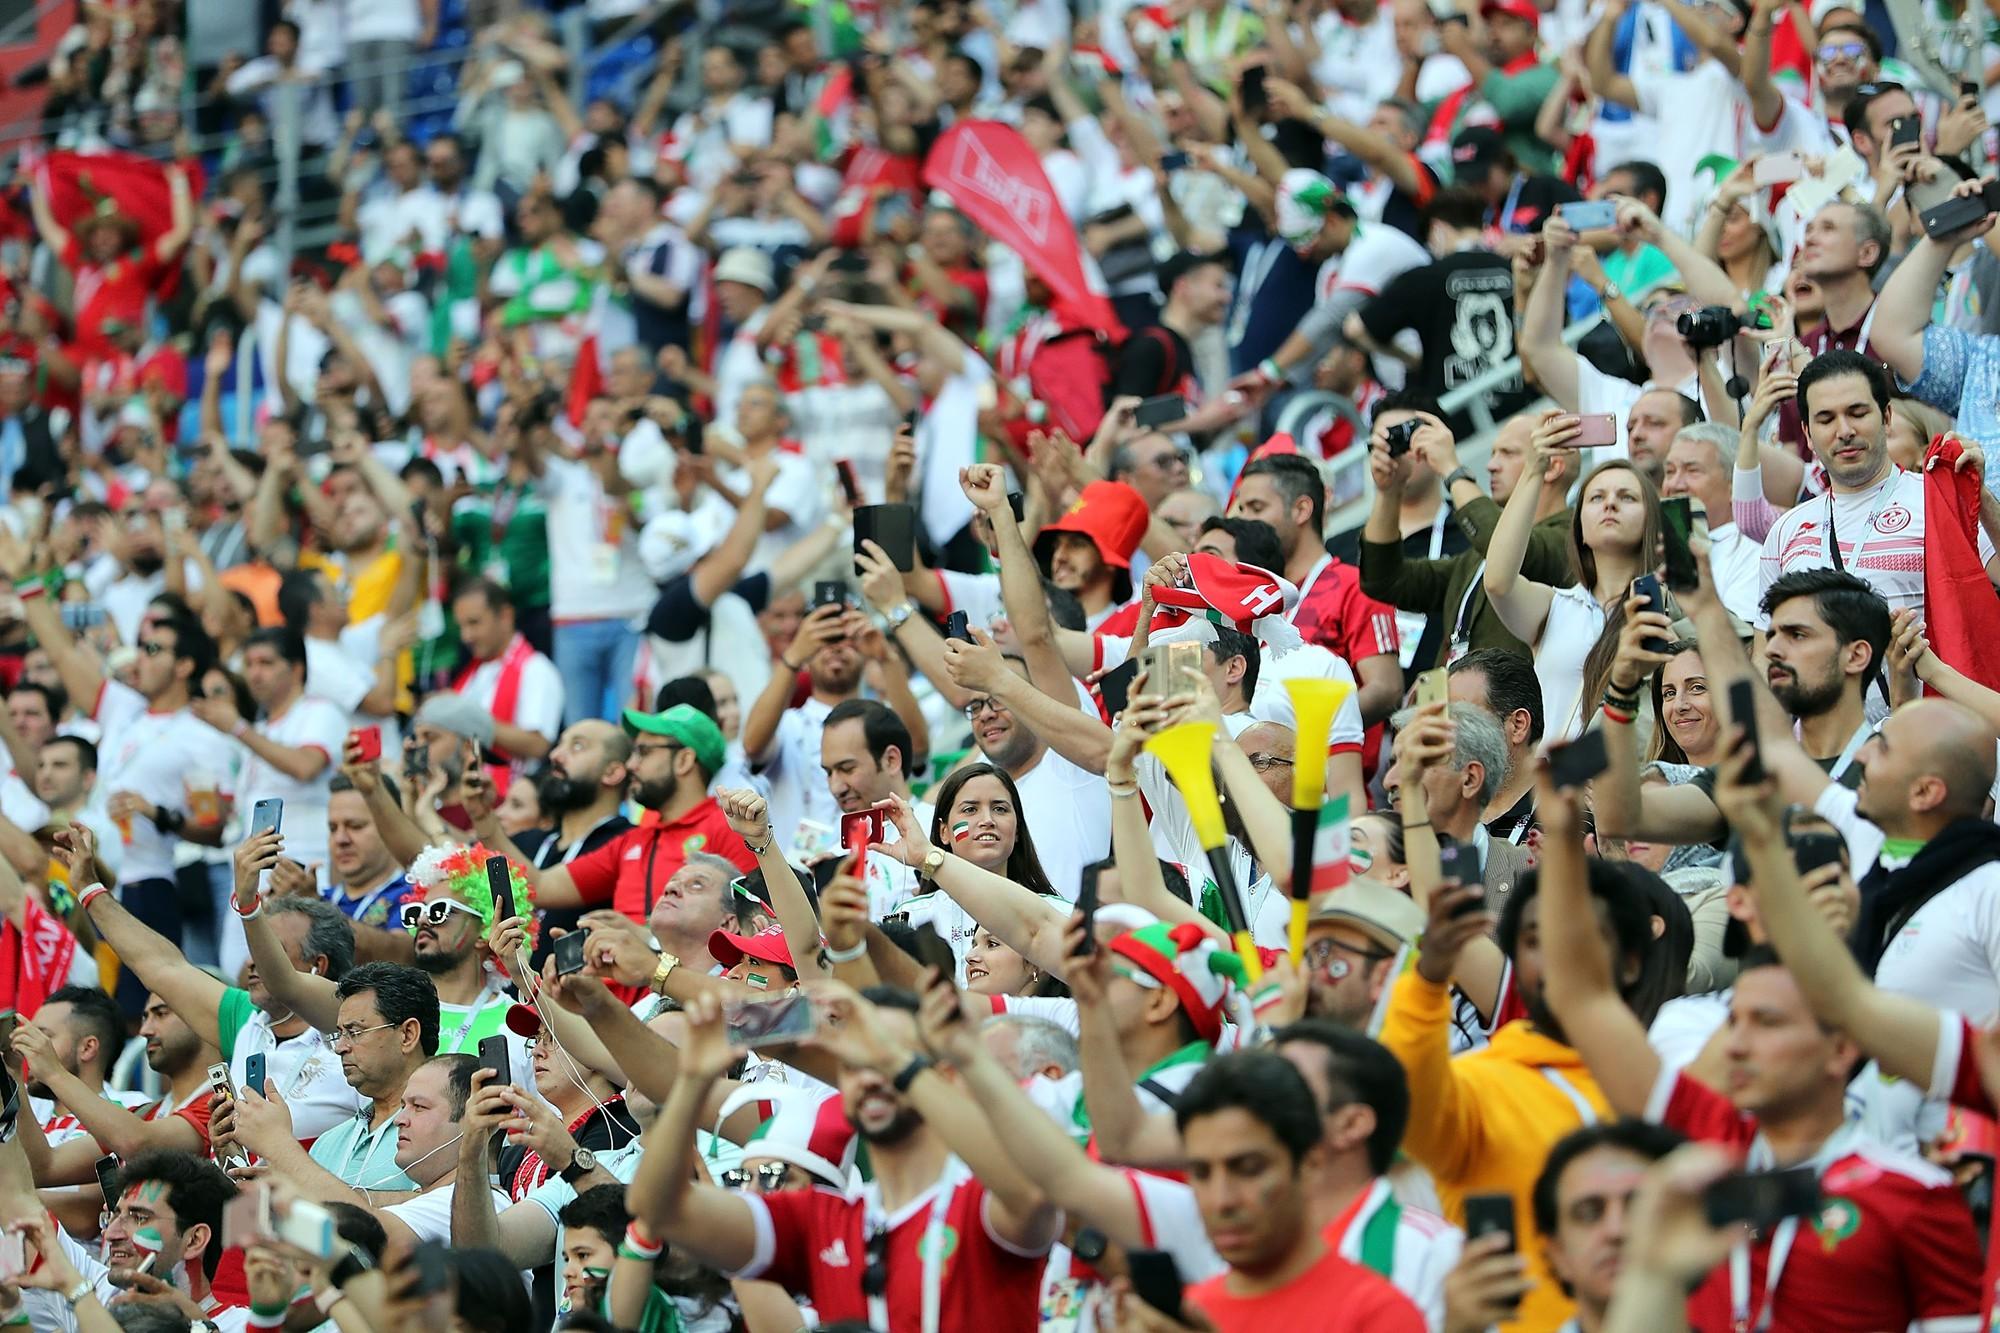 Người dân Iran đổ ra đường ăn mừng nhờ bàn phản lưới nghiệt ngã của đối thủ - Ảnh 3.